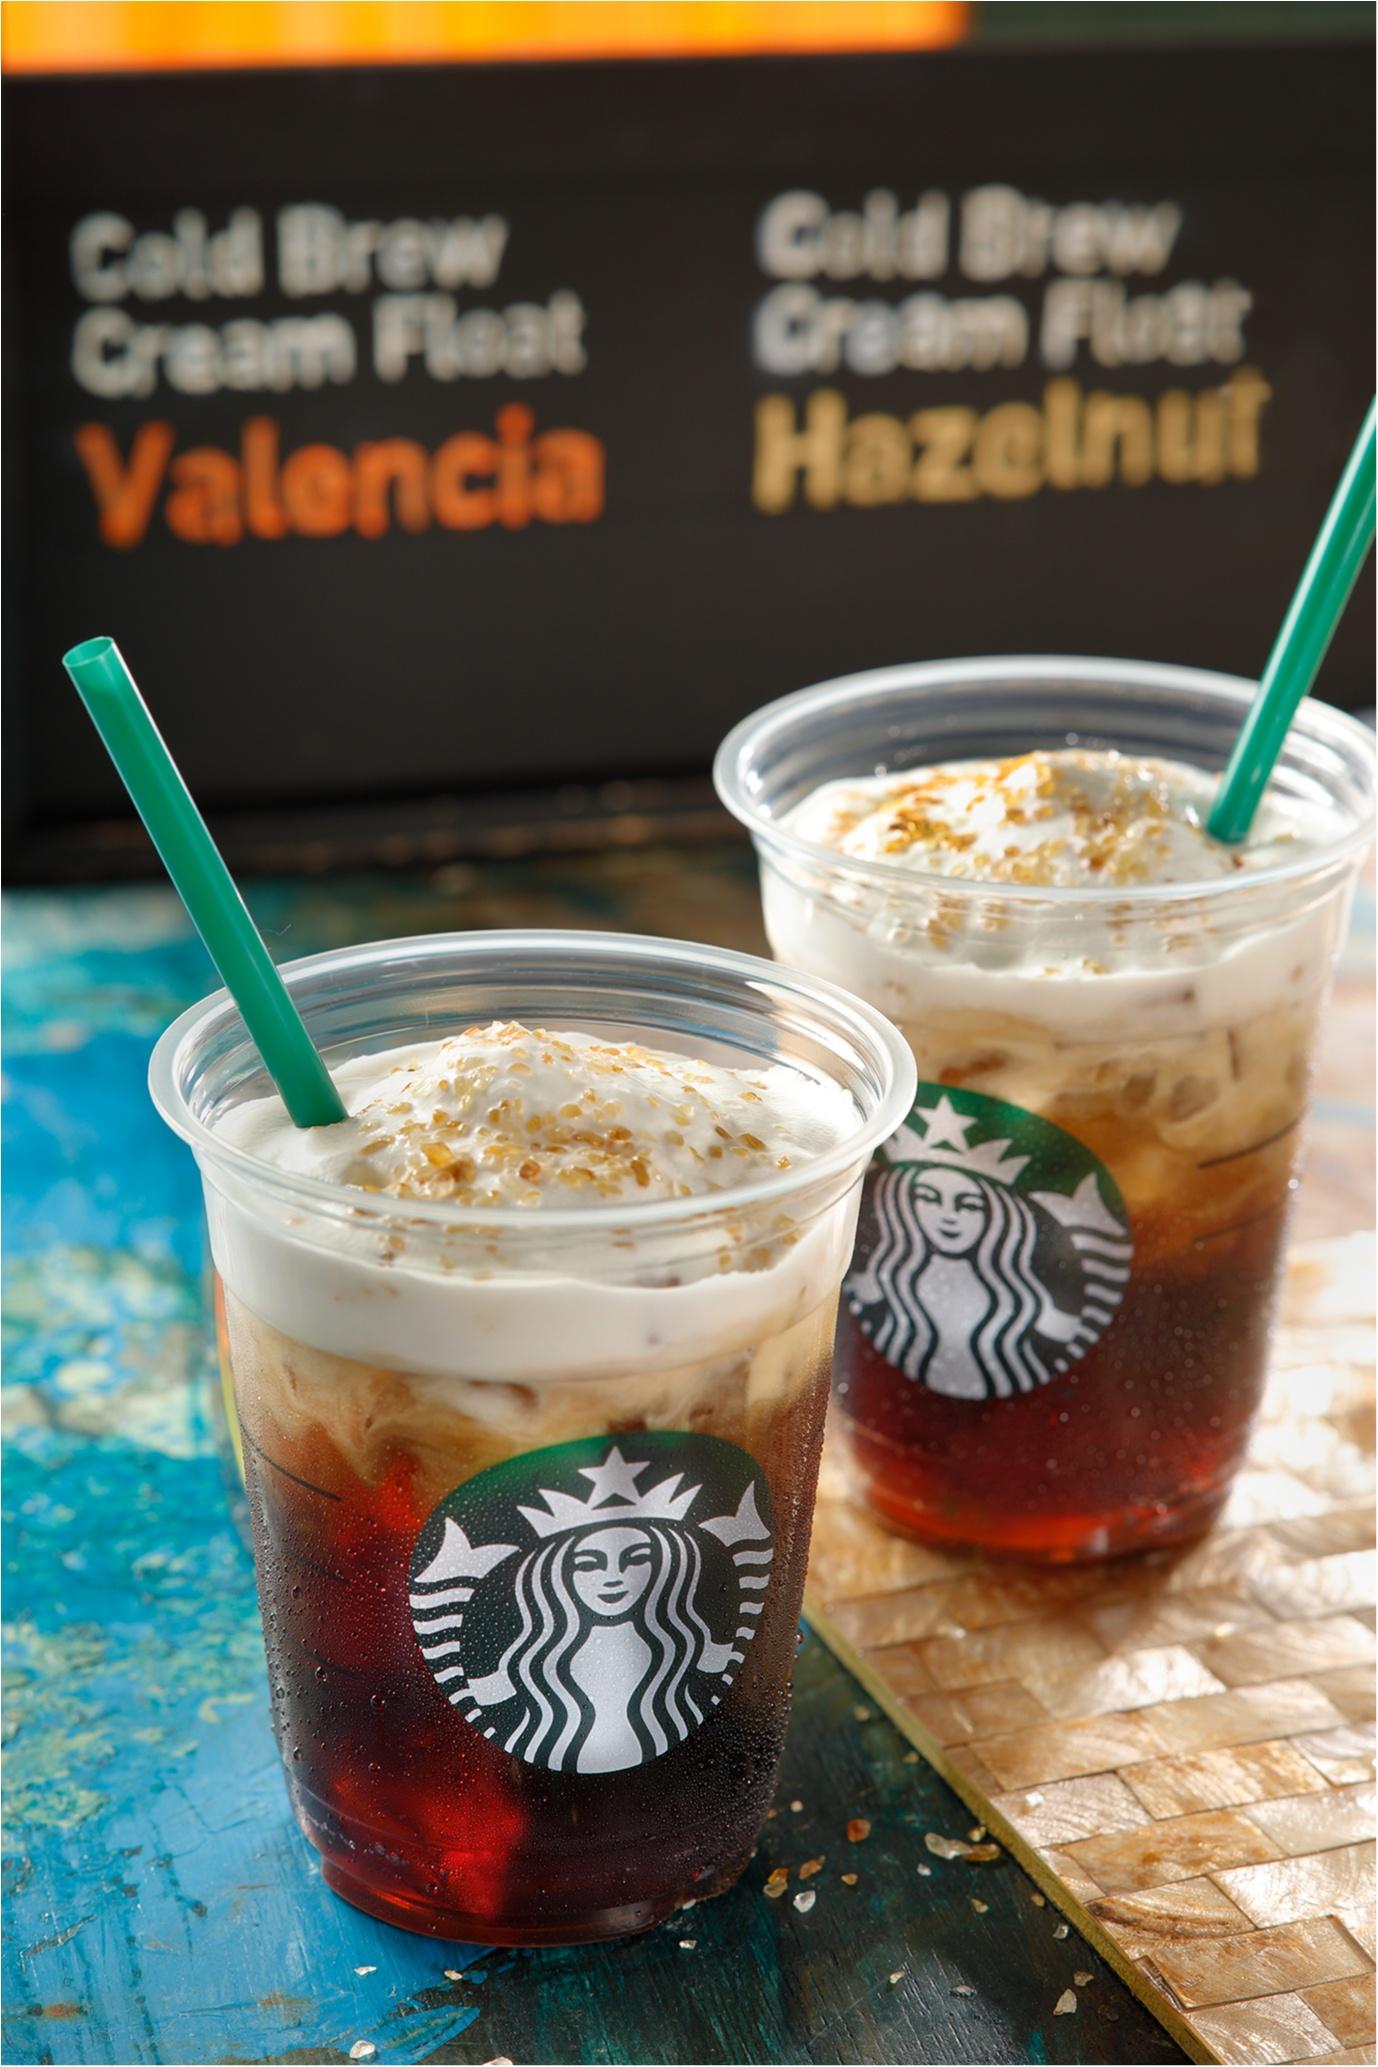 8/31(木)までの期間限定! 『スターバックス』のコールドブリューコーヒーは、シロップの甘さがクセになる♡_1